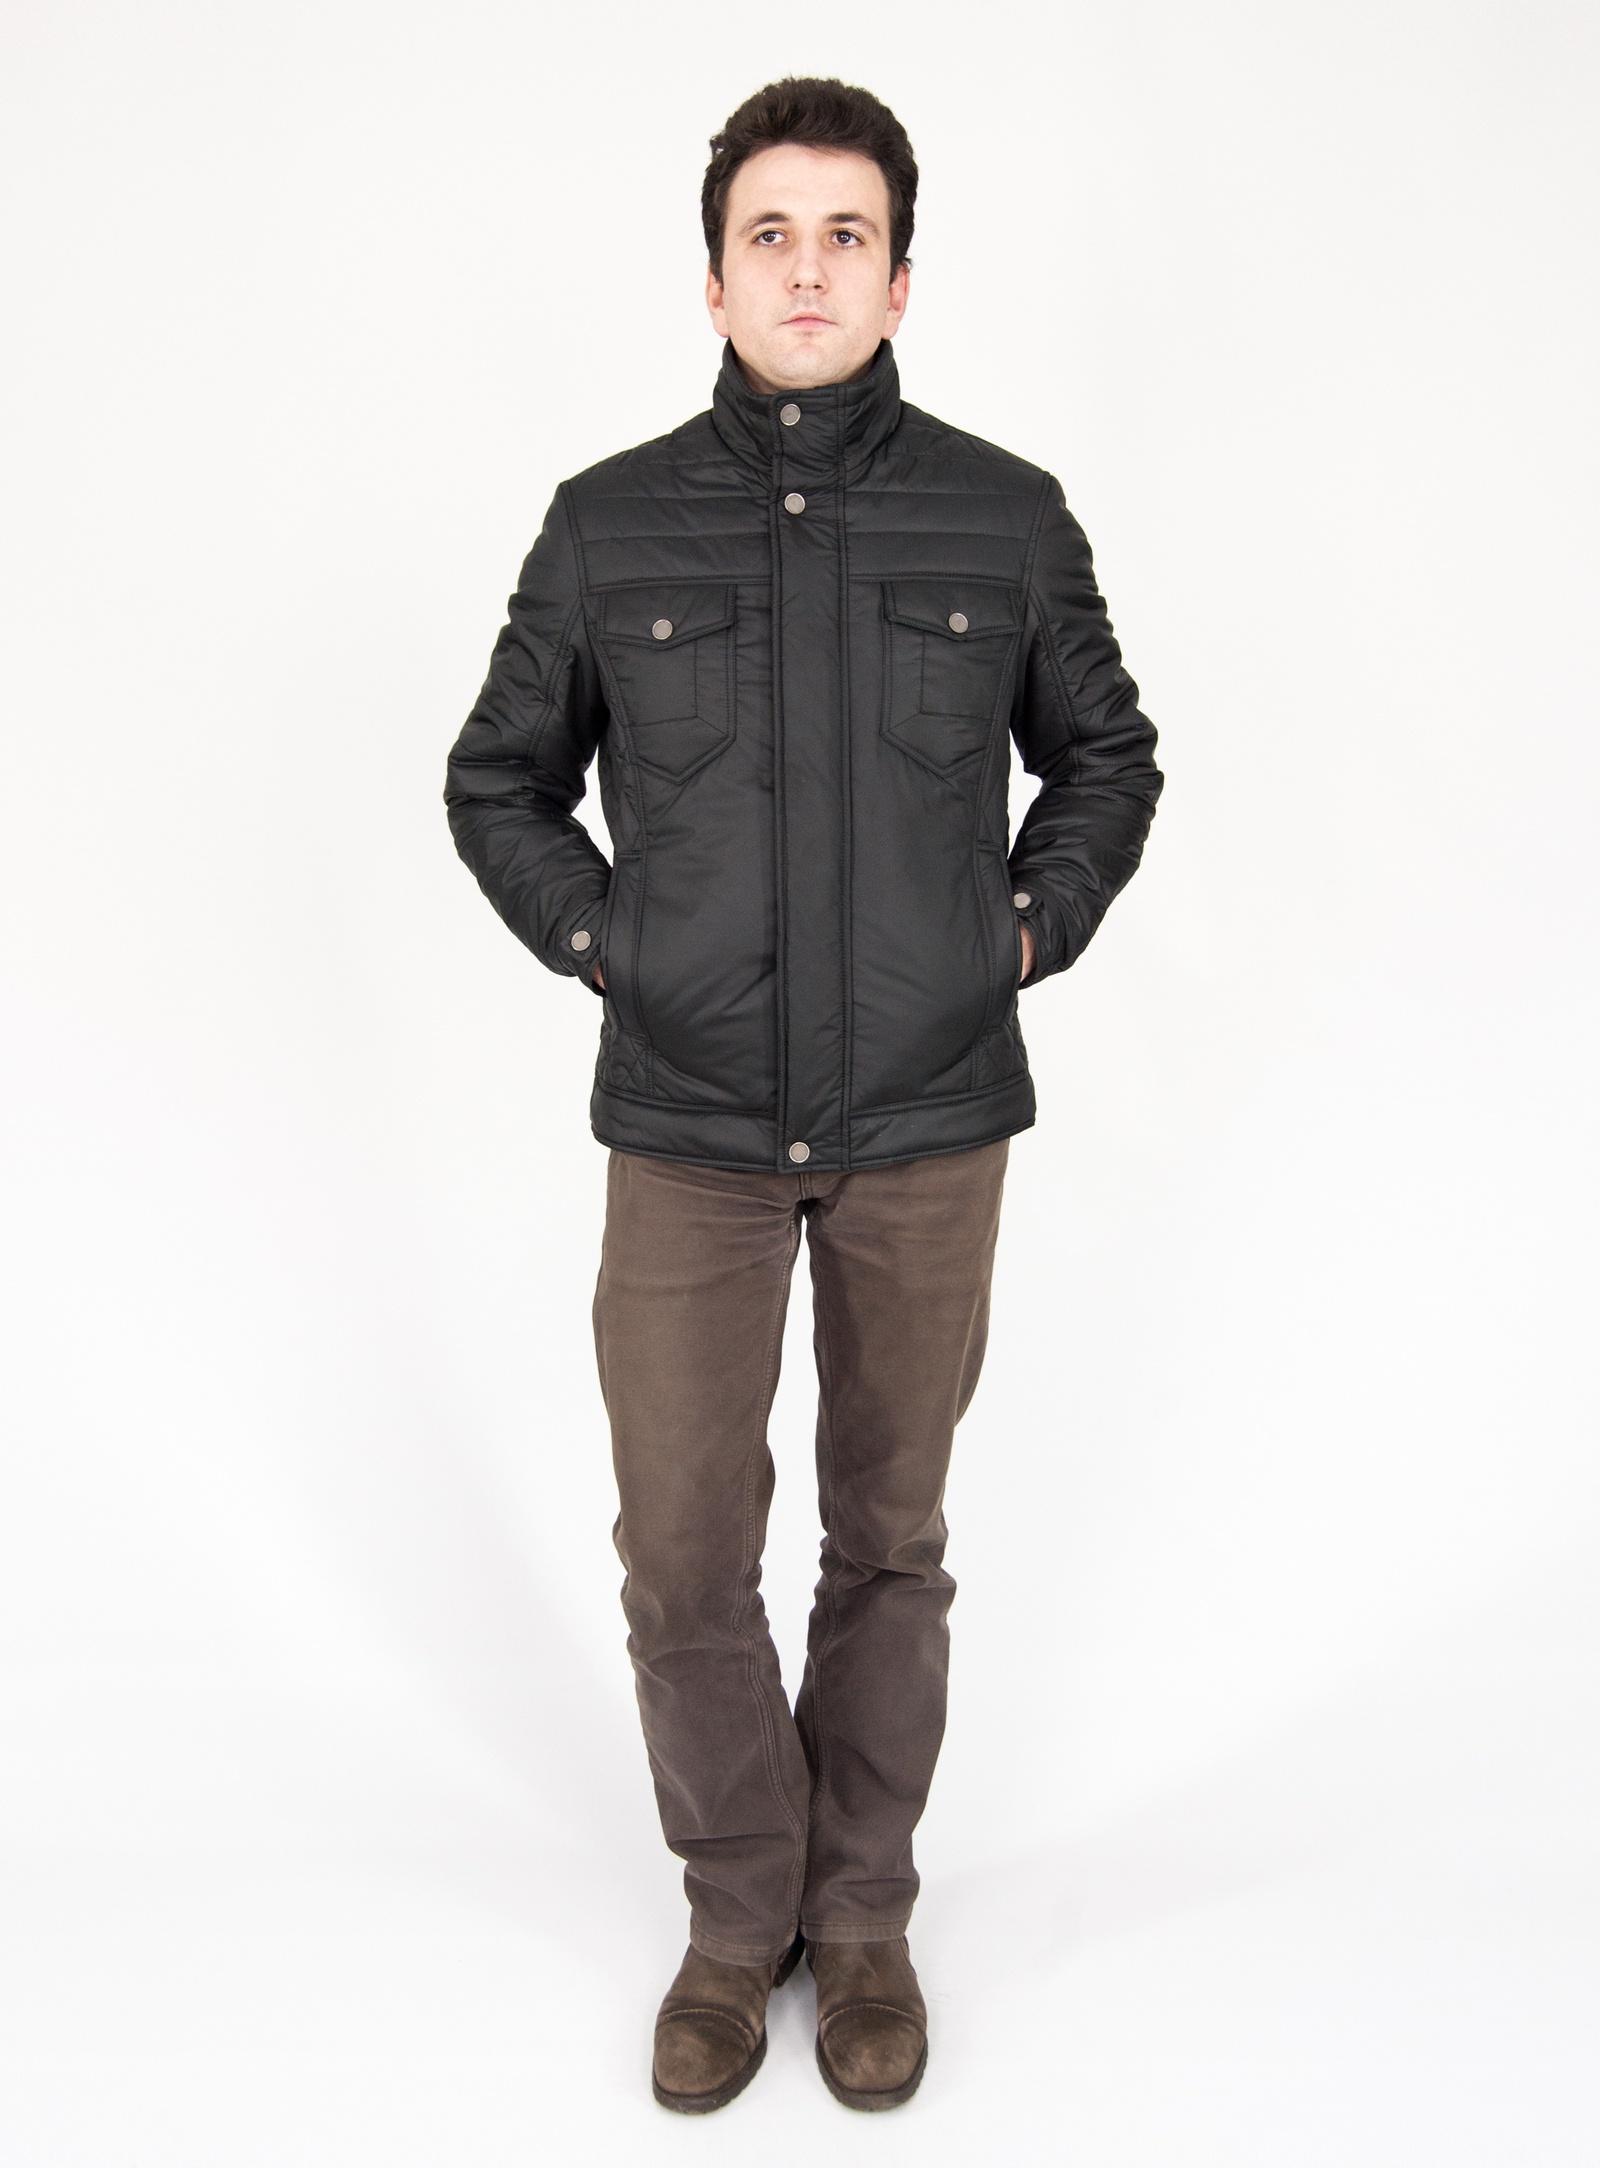 Куртка Naviator 4810893545870, черный 52 размер4810893545870Куртка мужская с центральной застежкой на тесьму-молнию и планку. Планка застегивается на шесть кнопок. Две верхние и одна нижняя – декоративные.Перед состоит из отрезной кокетки, боковых частей. На переде обработаны нагрудные накладные карманы с клапаном, застегивающиеся на декоративную кнопку. В рельефном шве обработан карман с листочкой.Спинка со средним швом, с отрезными кокетками, с отрезными боковыми частями.Рукава втачные. Воротник стойка.Низ куртки обработан поясом.Куртка на подкладке.